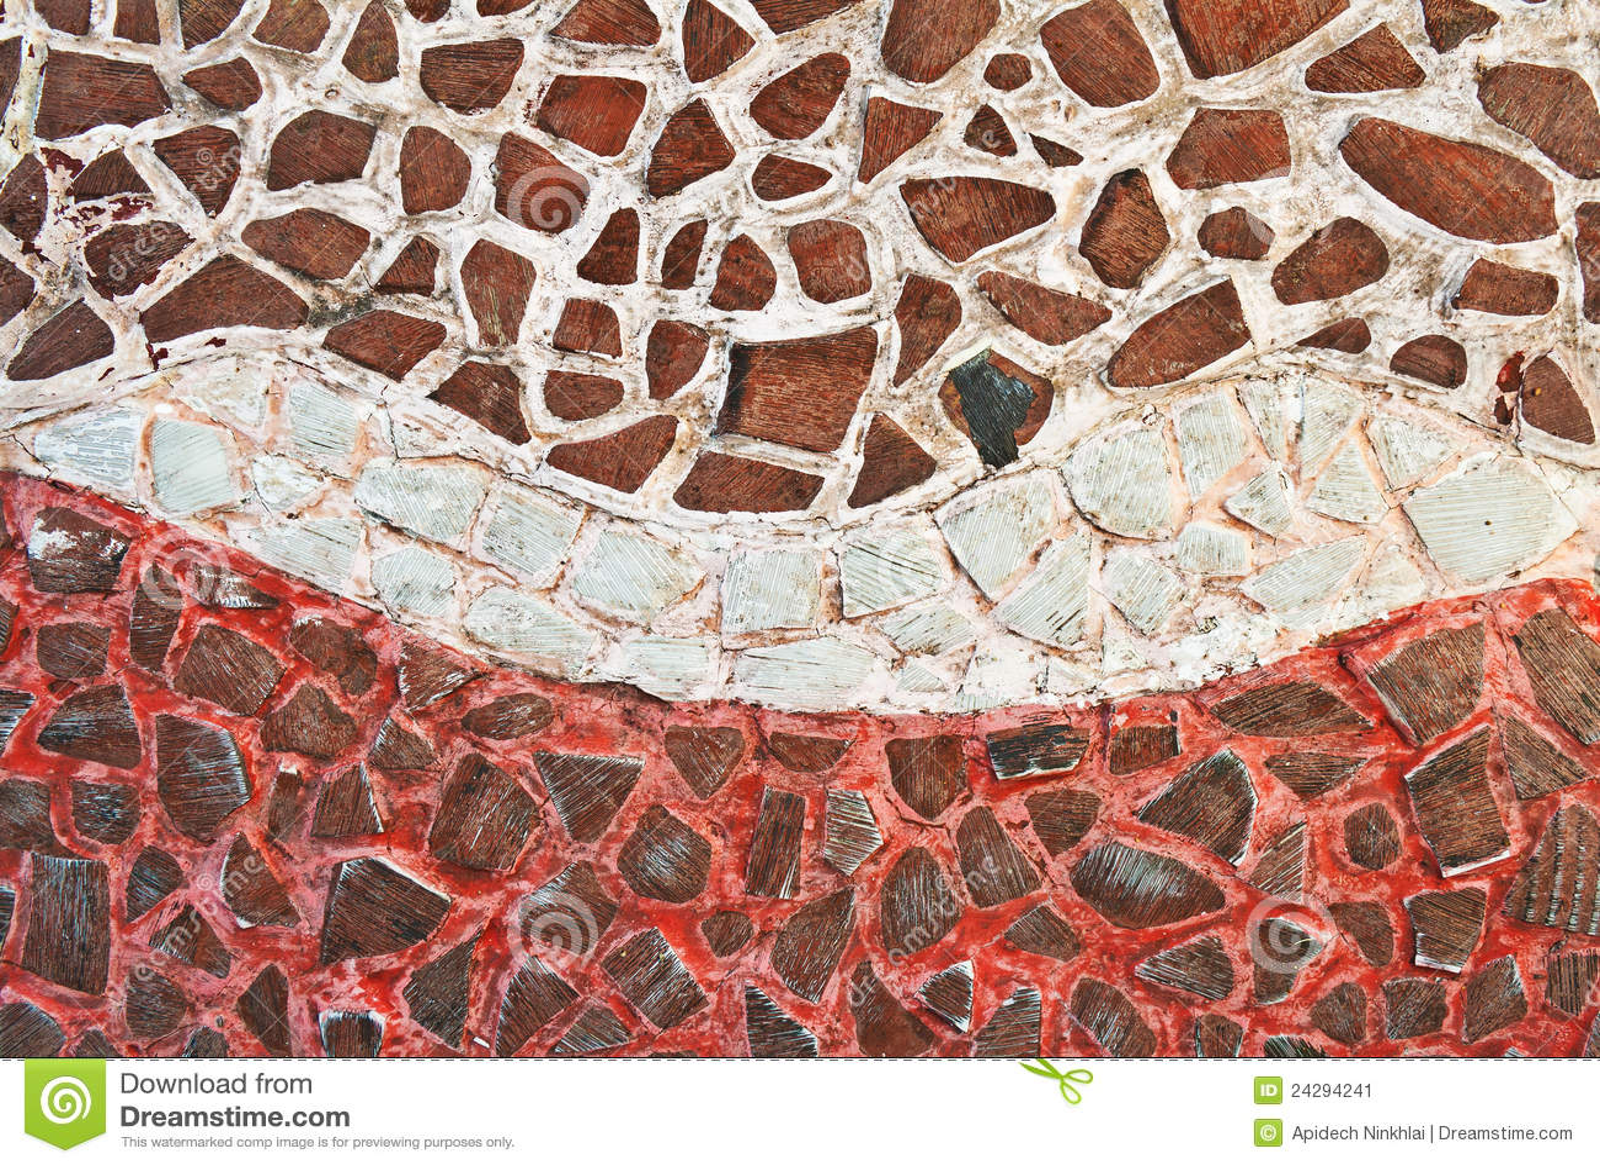 Immagini di riserva di mattonelle di mosaico rotte la sovranità